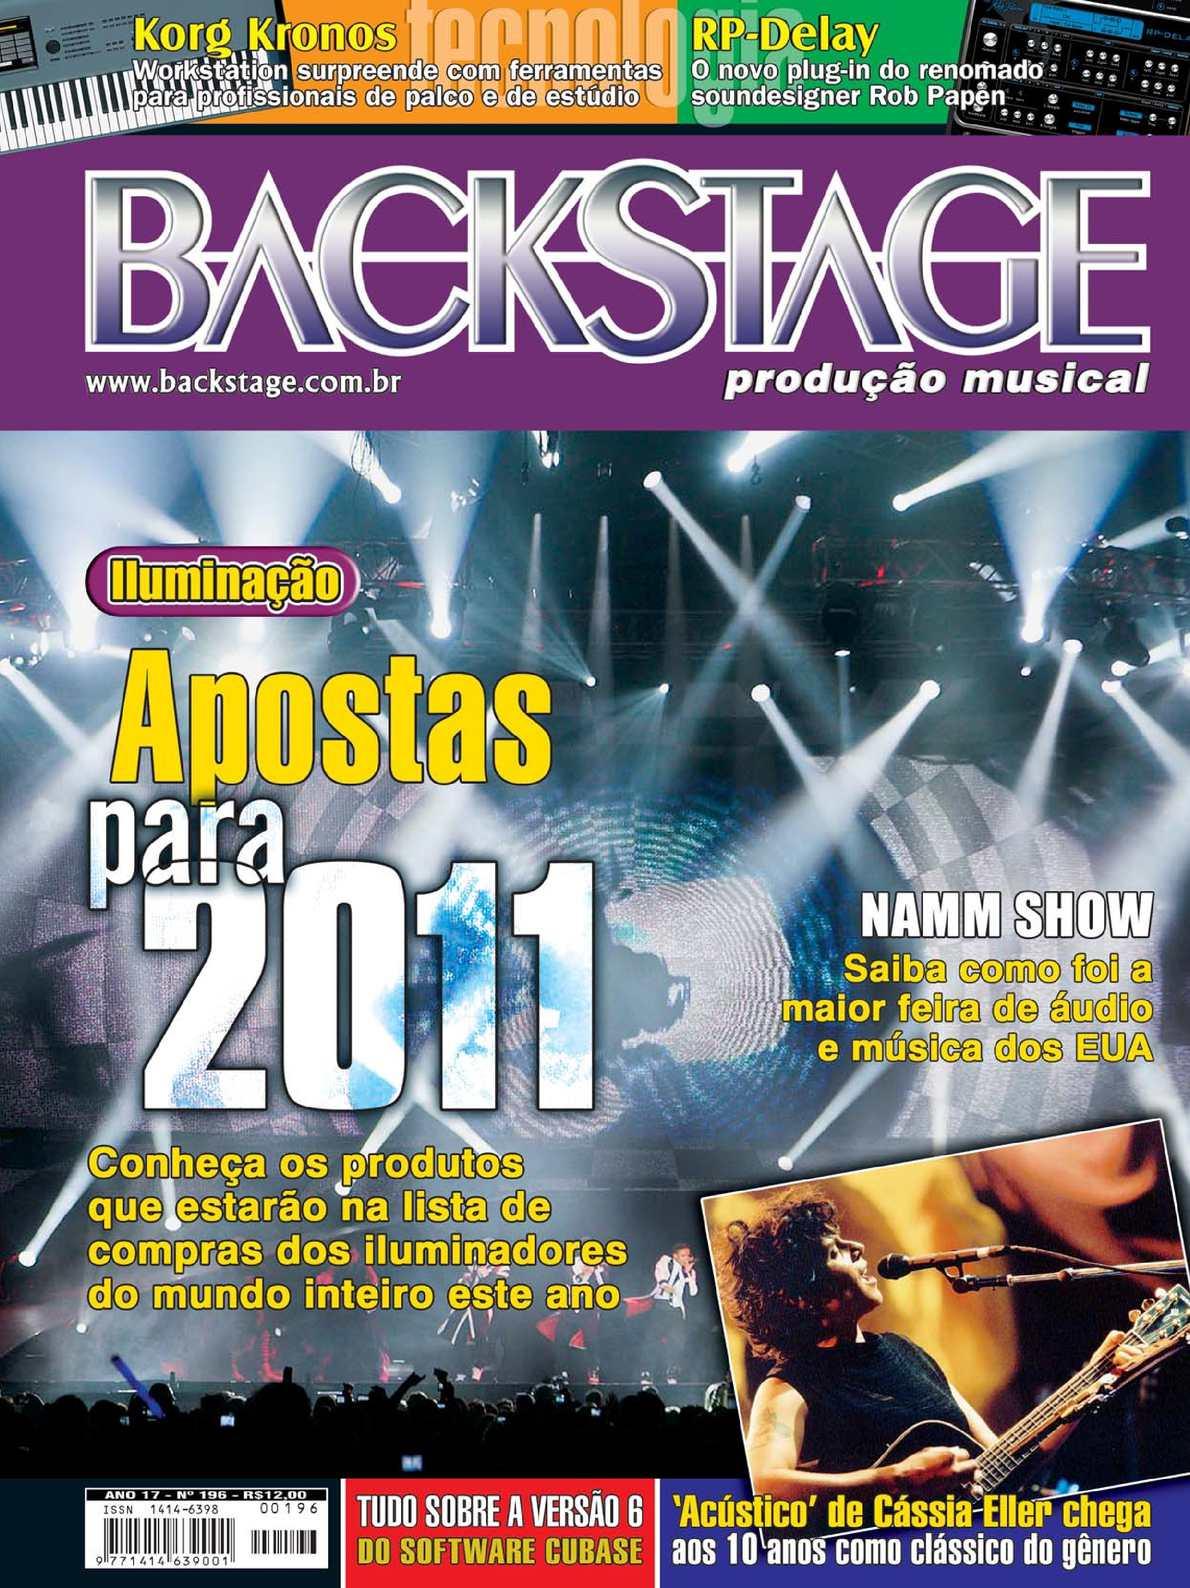 893117fd2d9 Calaméo - Revista Backstage Edição 196 - Março 2011